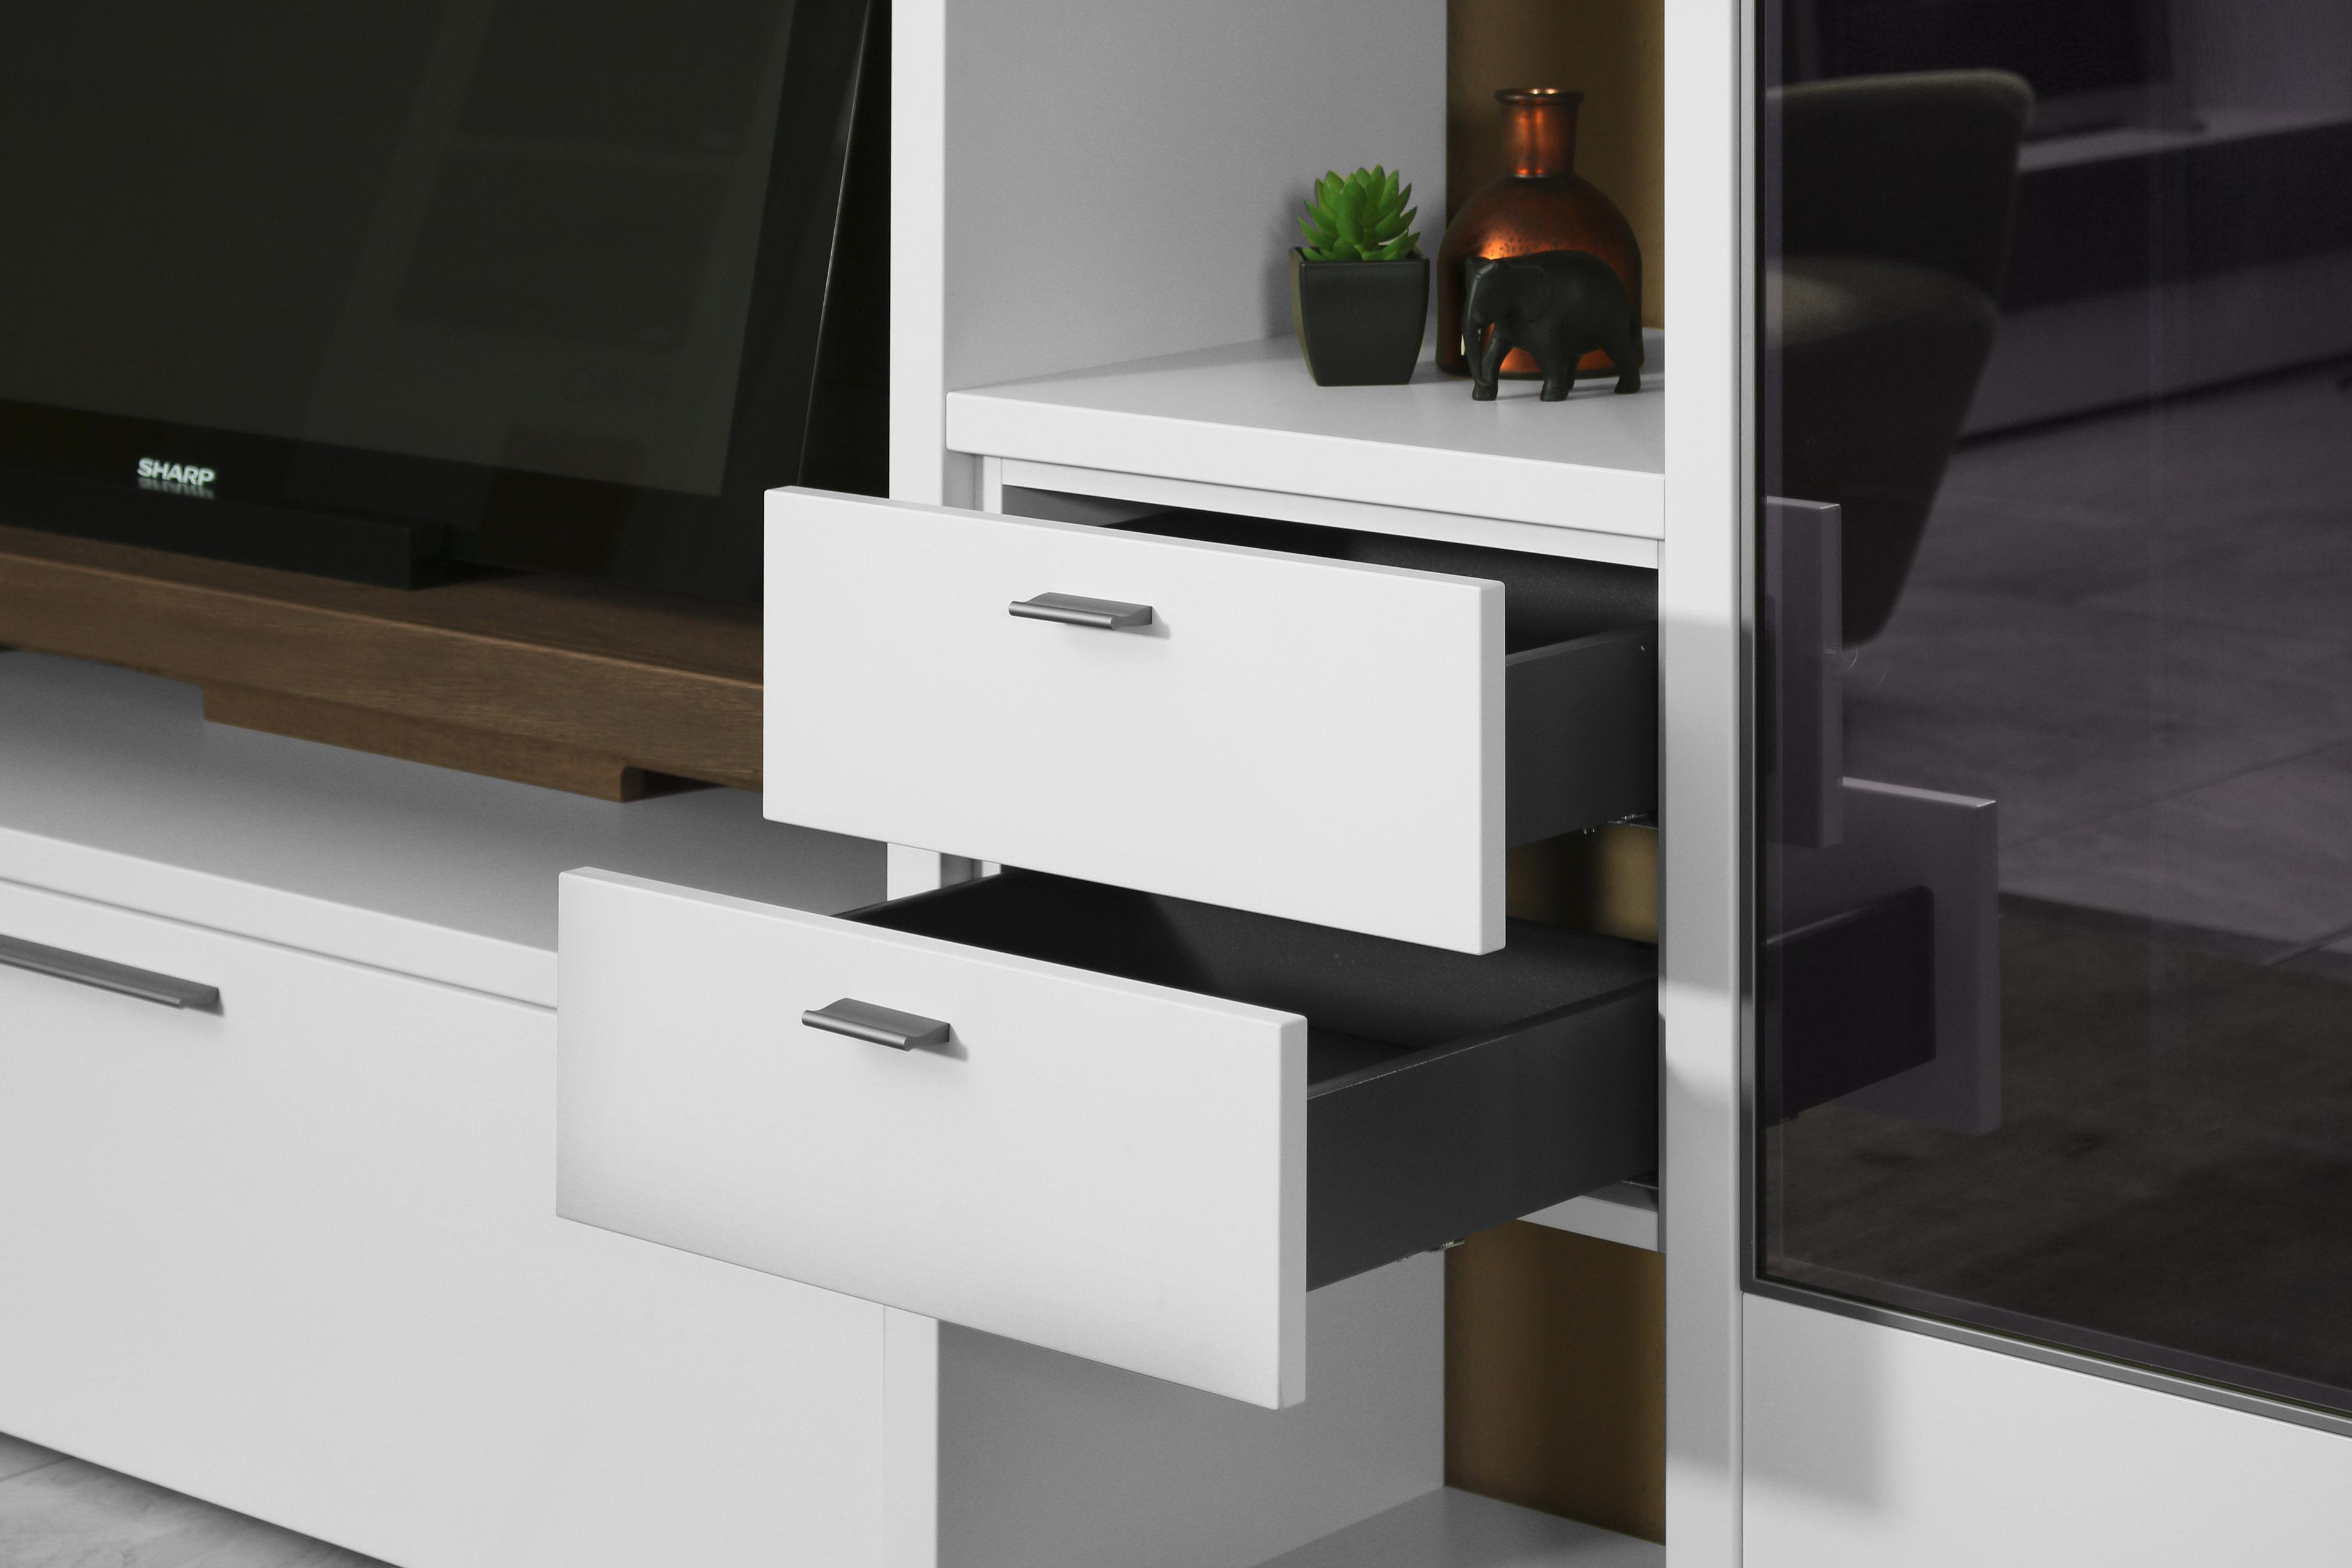 wohnwand cecado 0005 inklusive zubeh r von w stmann designm bel m bel letz ihr online shop. Black Bedroom Furniture Sets. Home Design Ideas